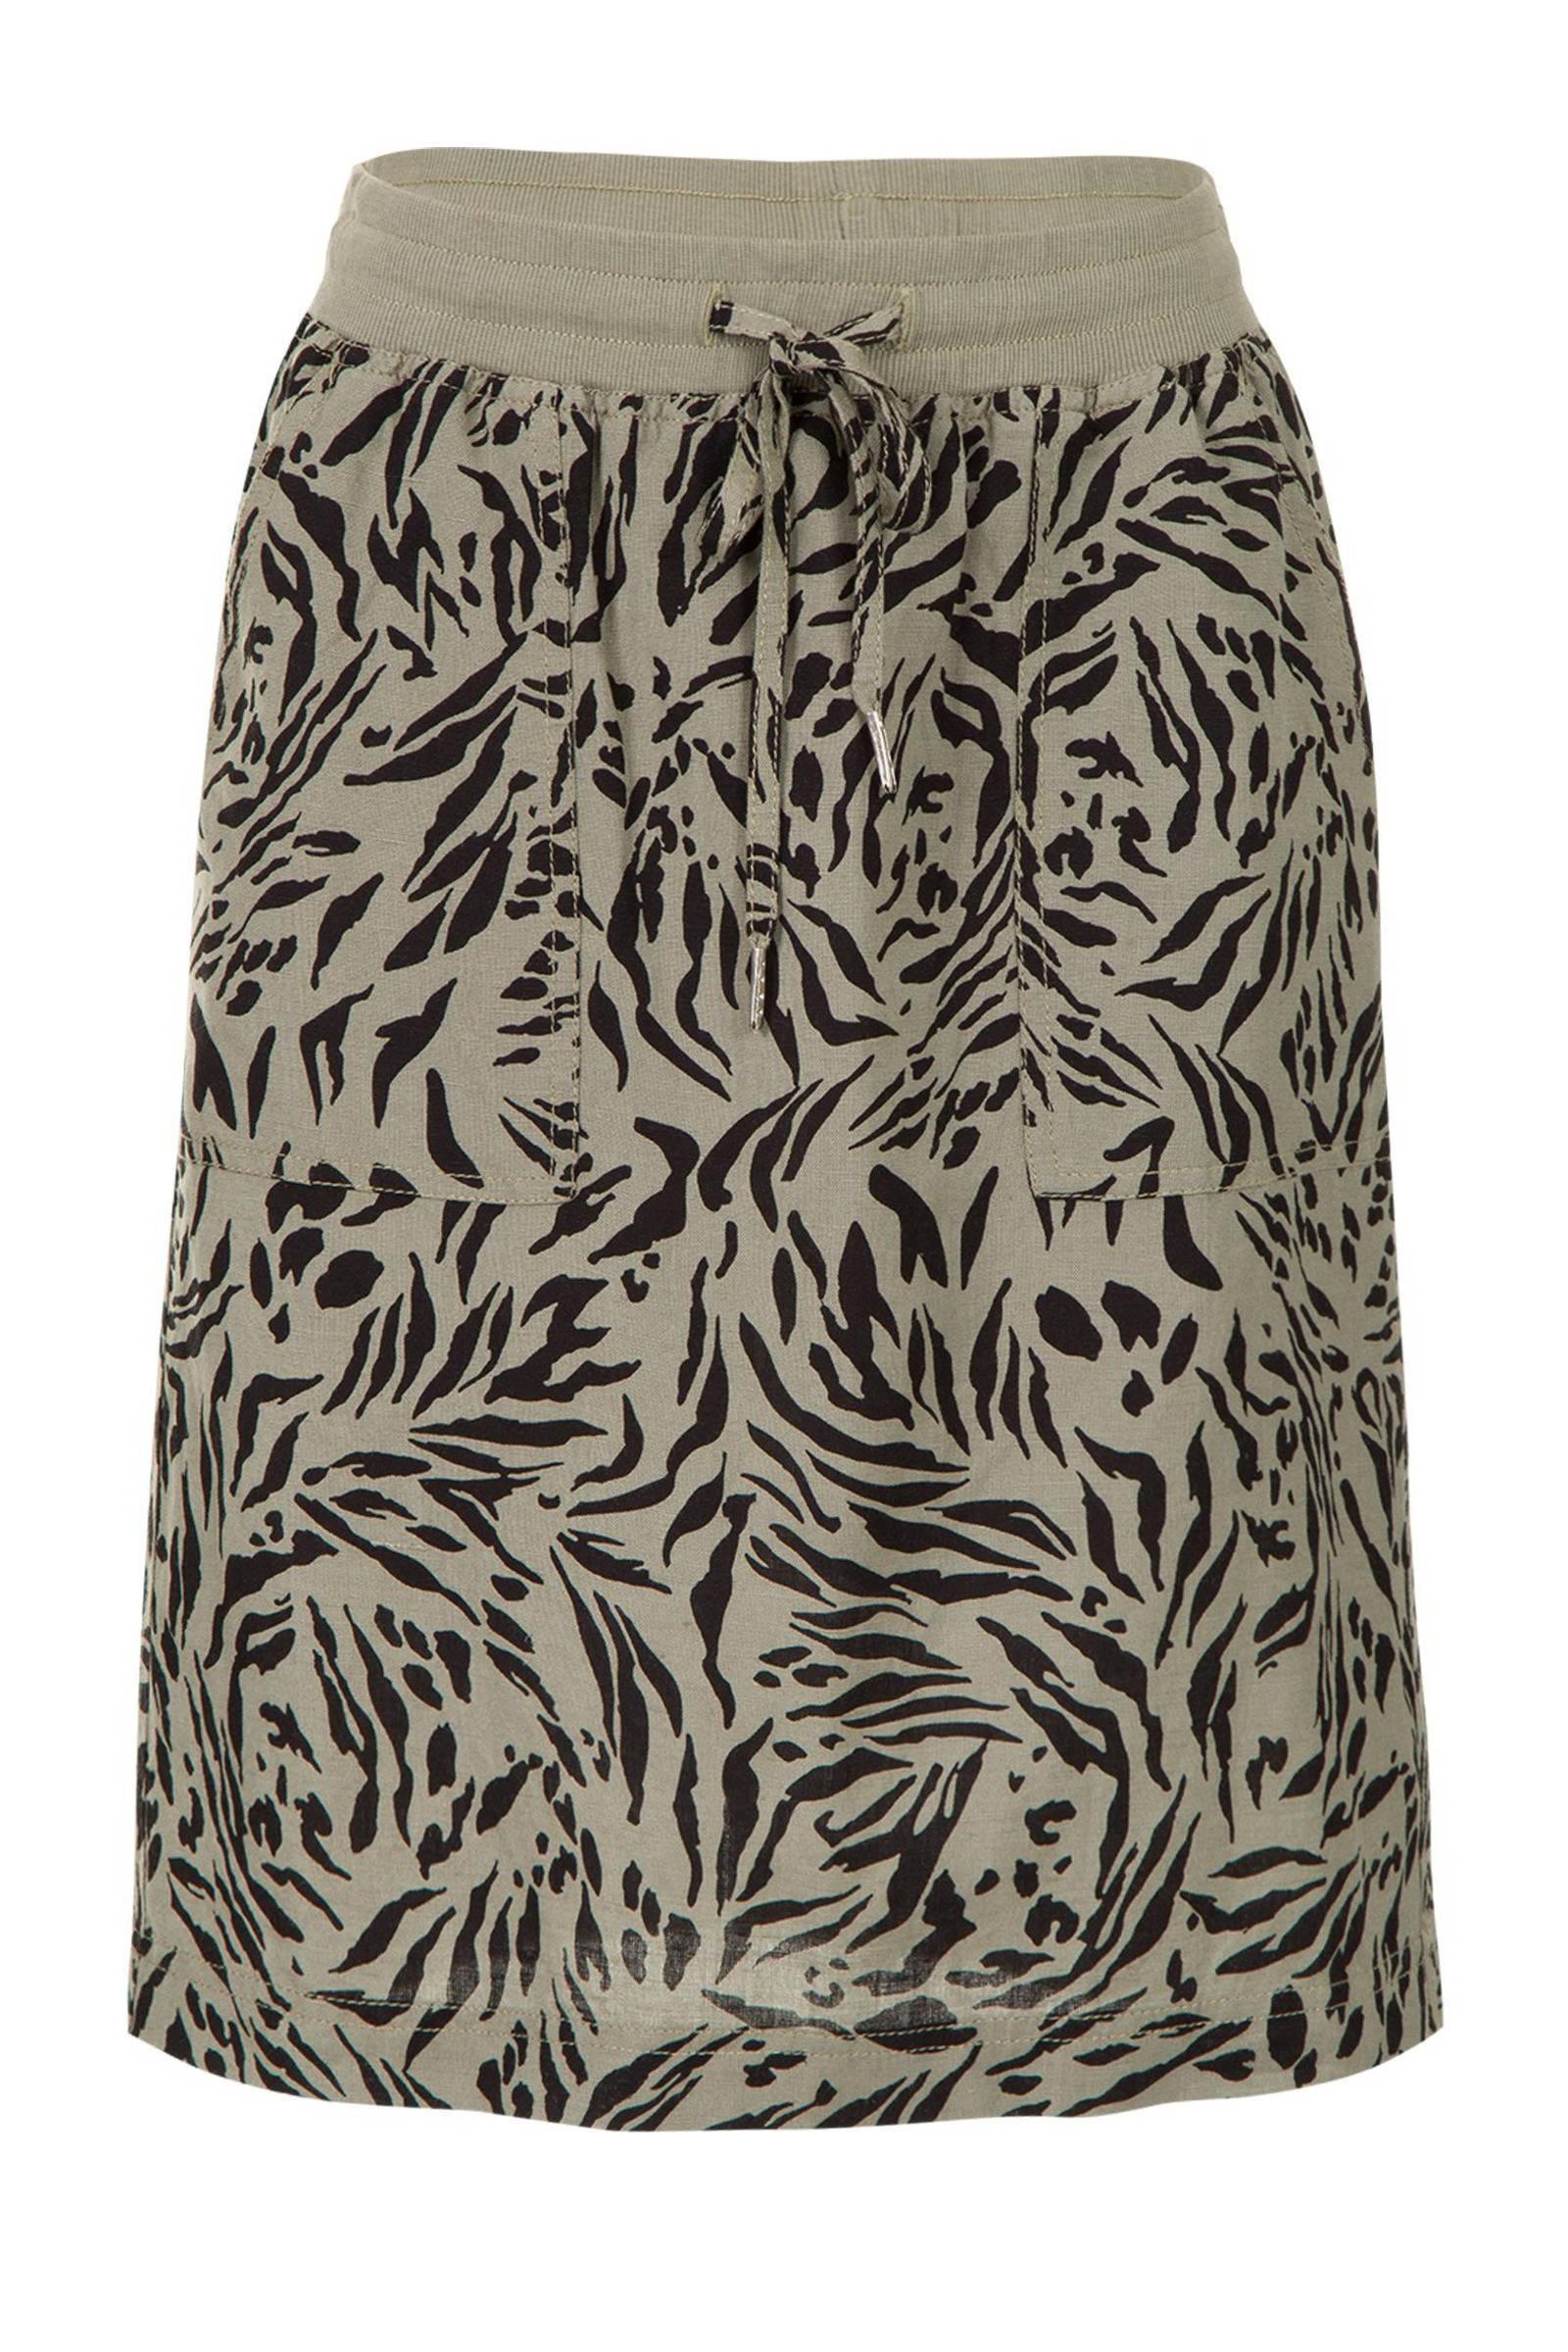 rok met linnen en zebraprint groenzwart